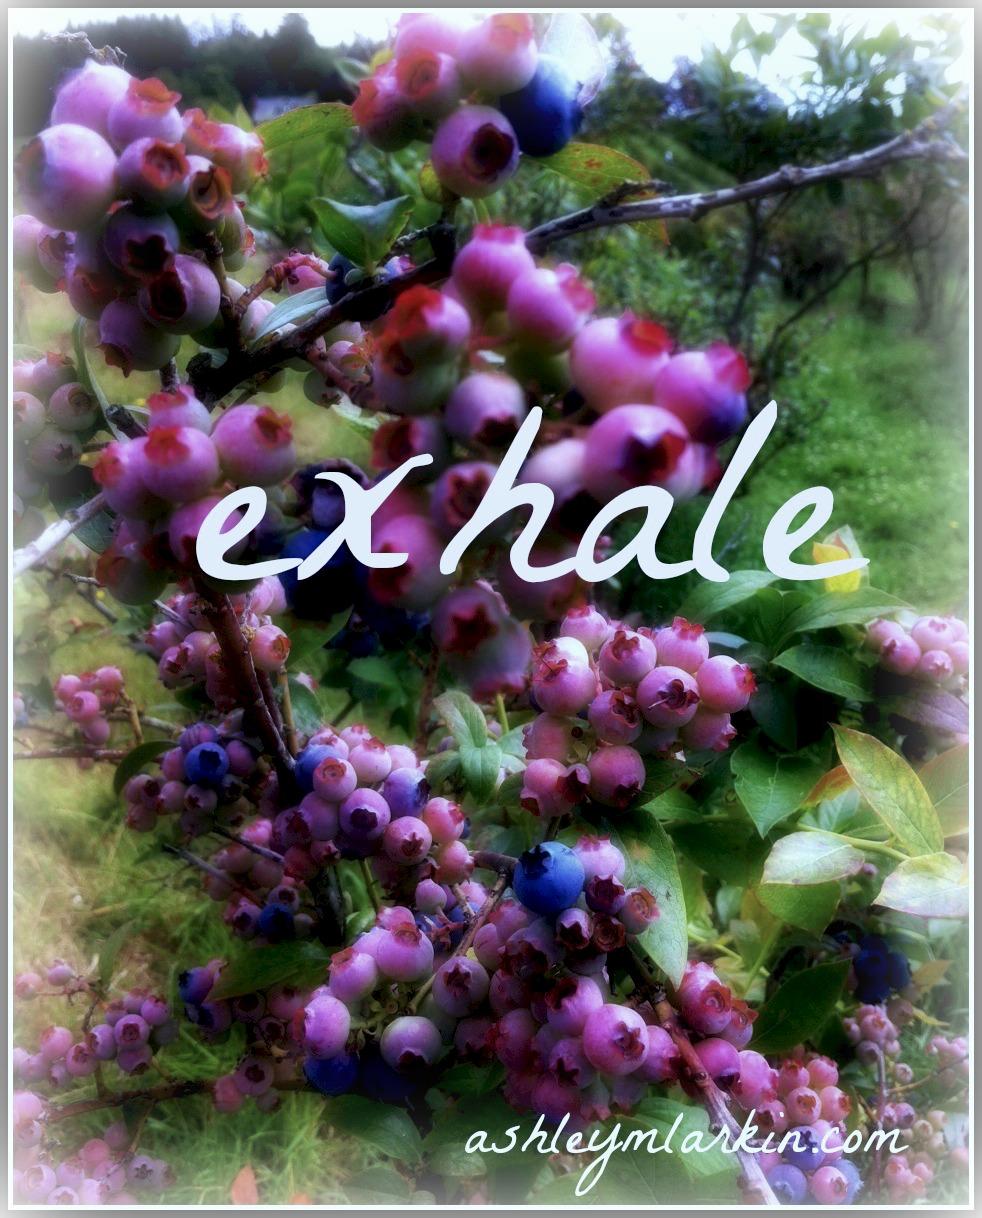 Exhale4